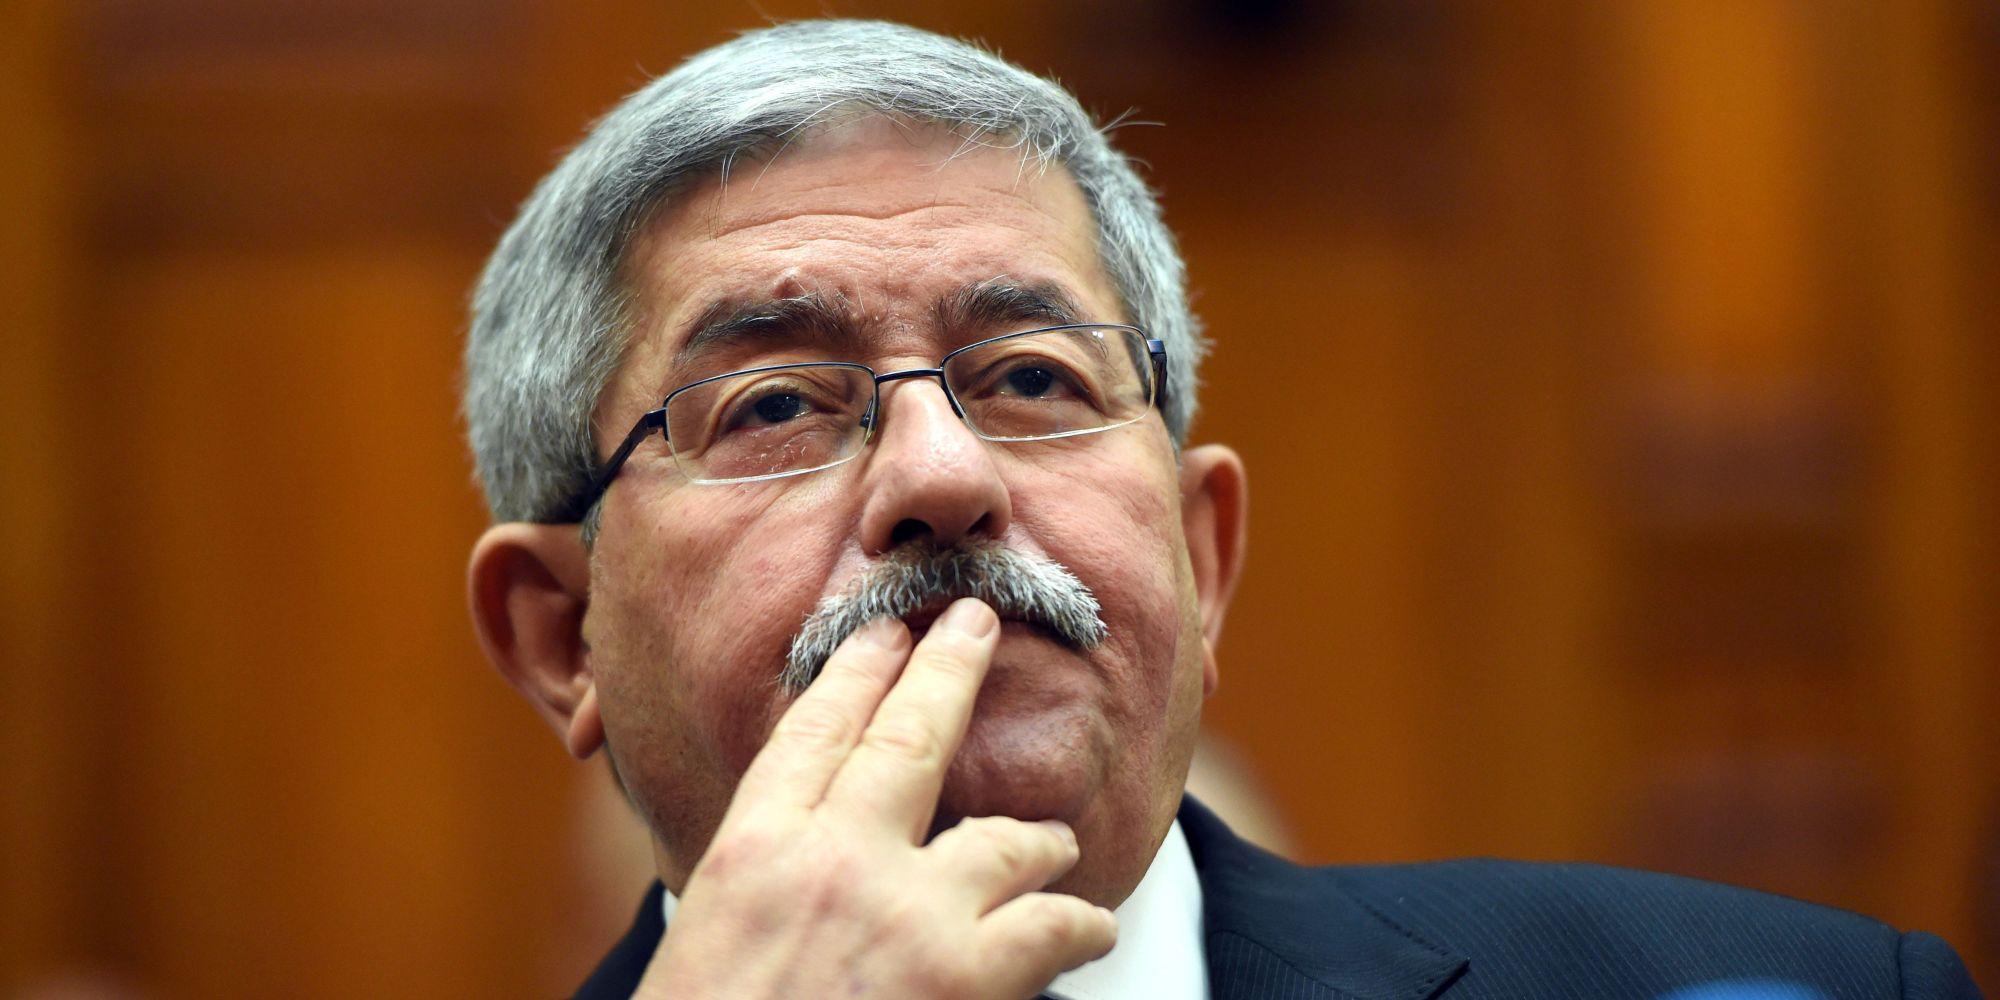 الجزائر - إيداع أحمد أويحيى رهن الحبس المؤقت — TSA عربي